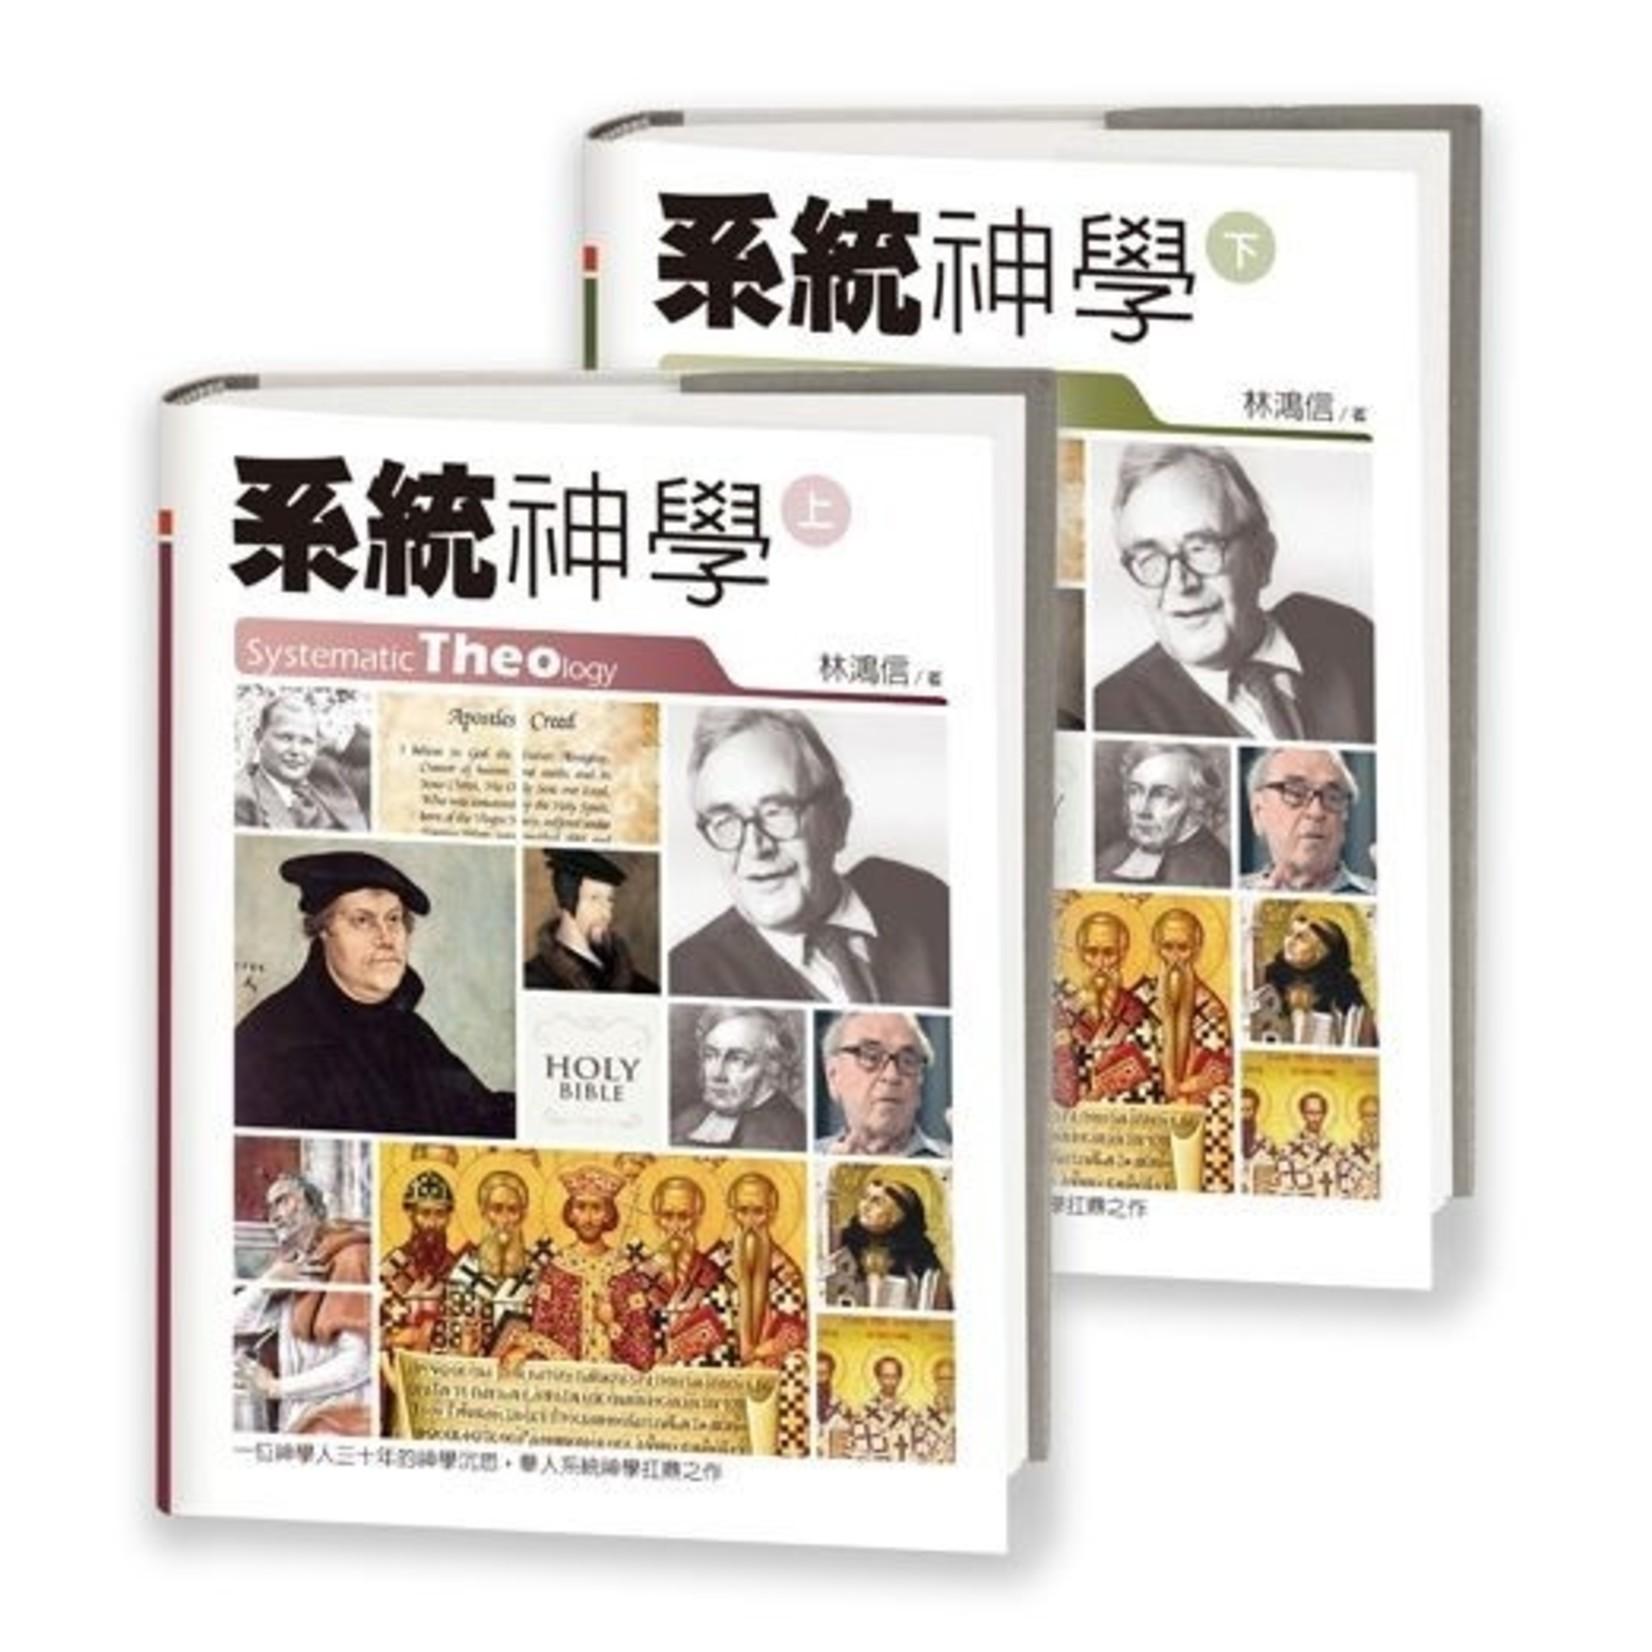 校園書房 Campus Books 系統神學(上下冊)Systematic Theology